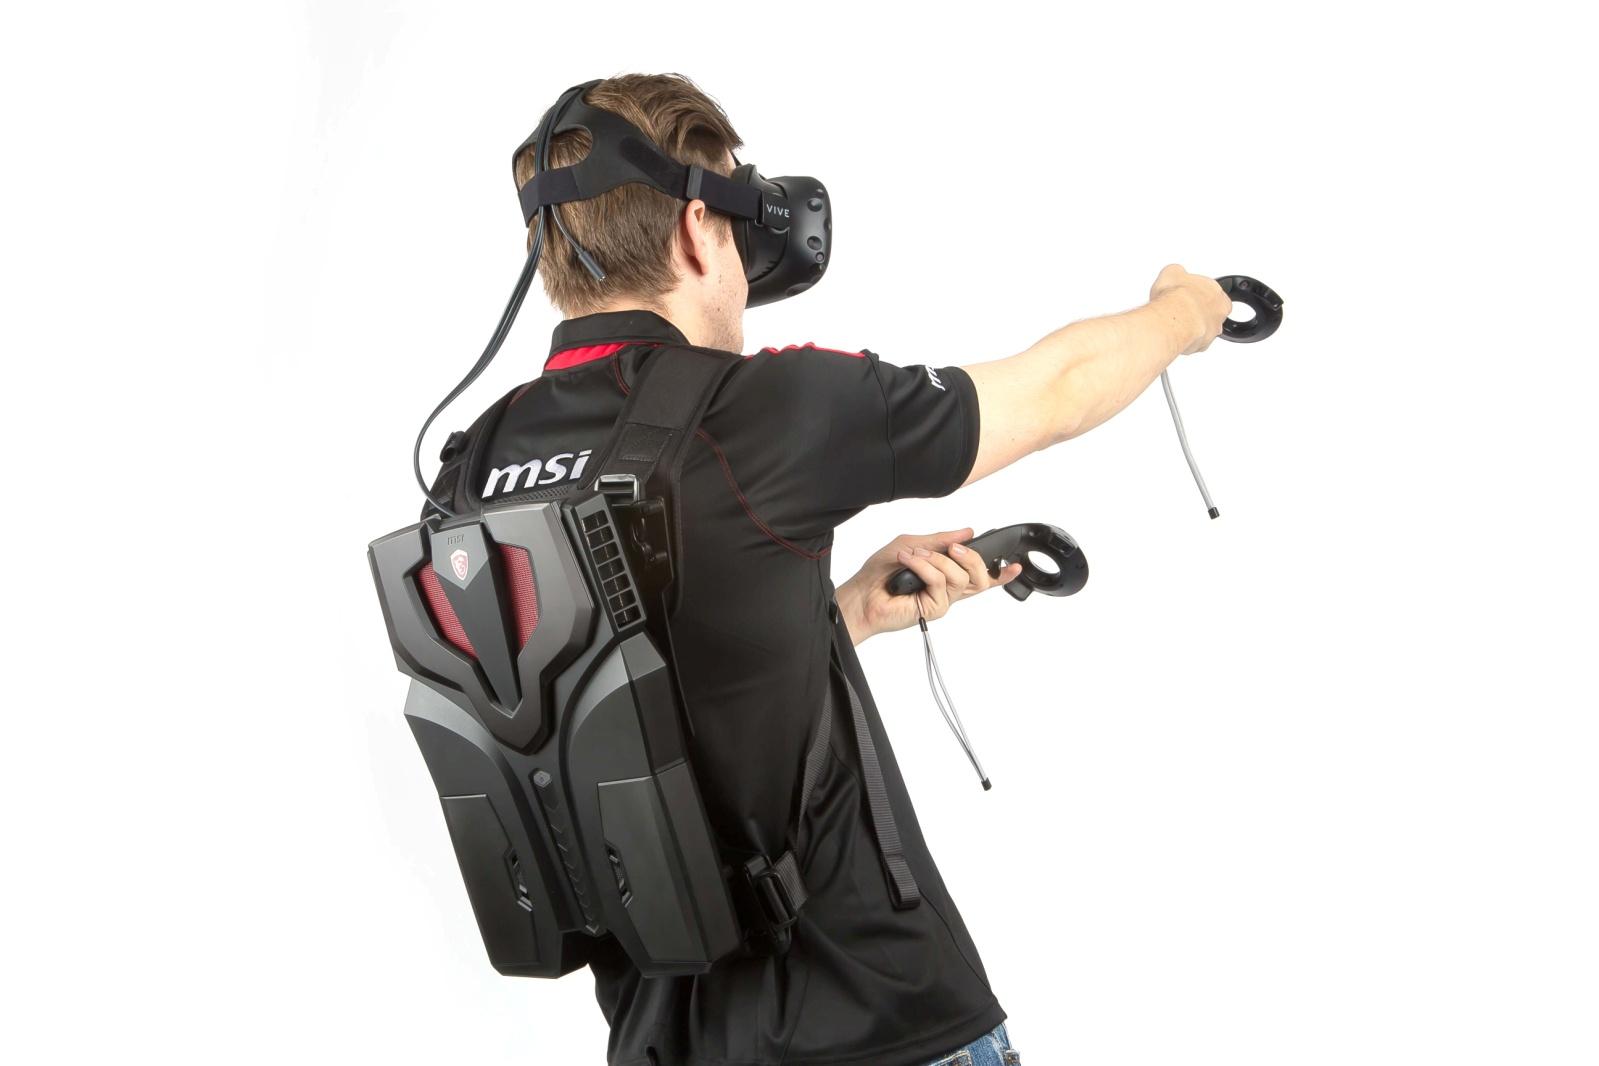 Découvrez le VR One, premier sac à dos pour réalité virtuelle jamais créé au monde